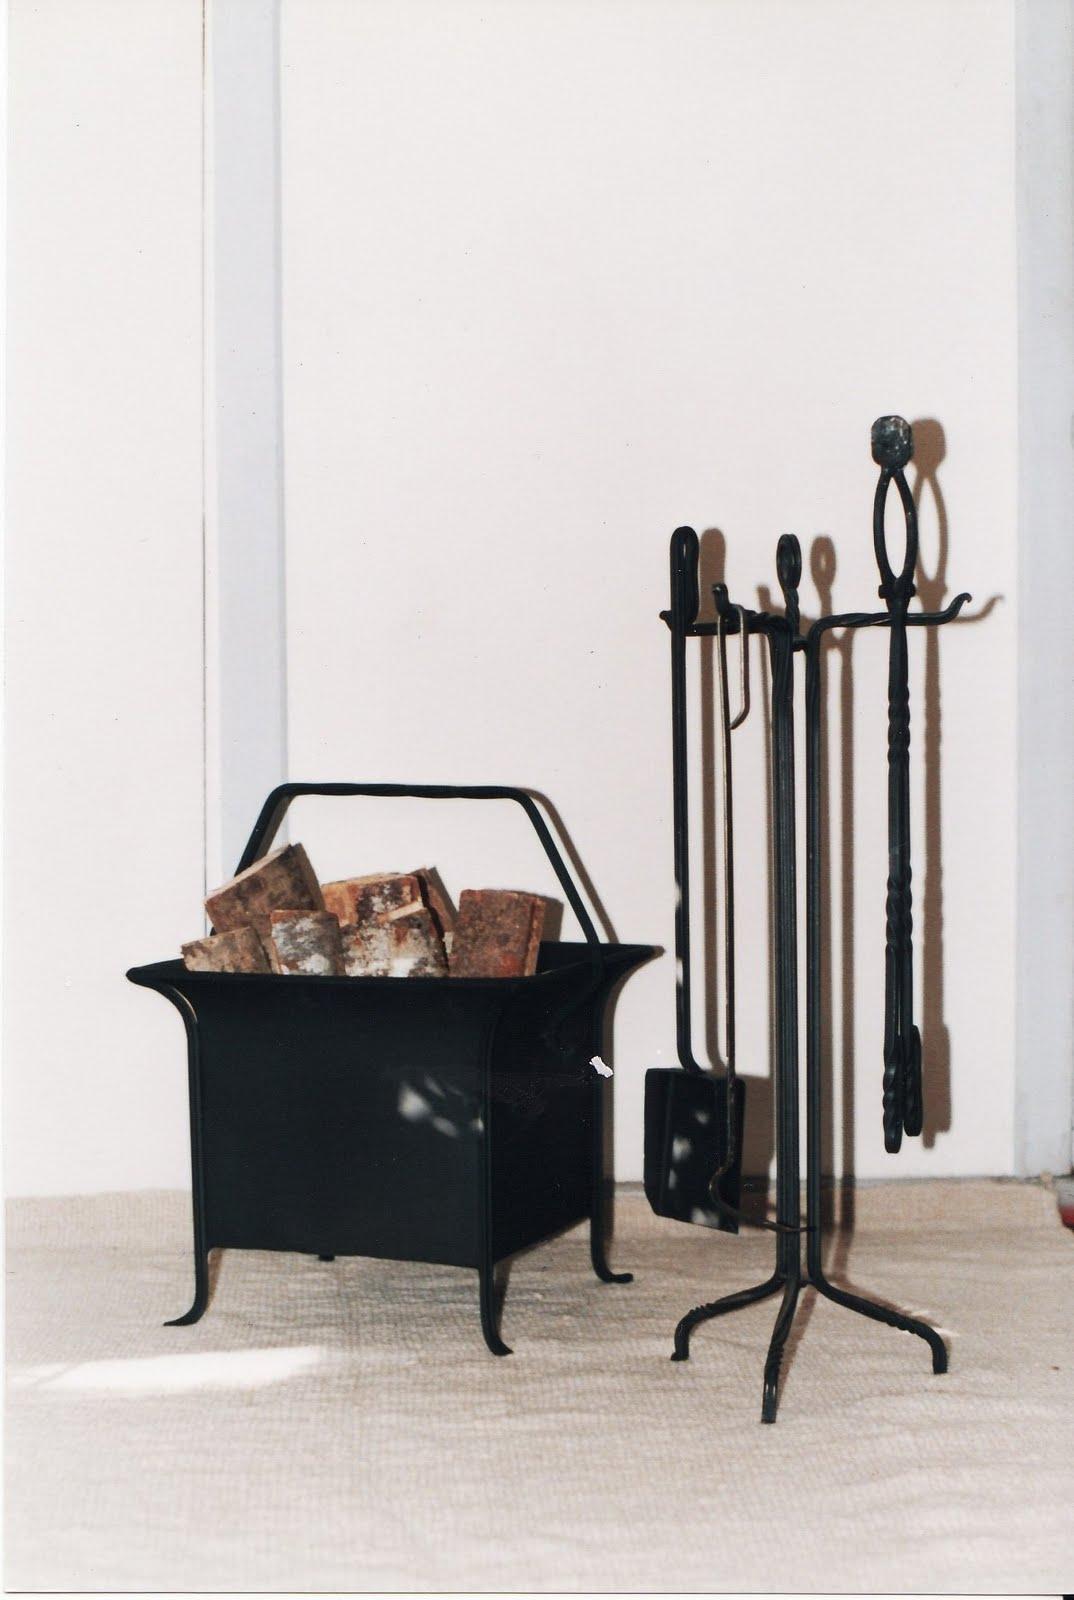 Taller de forja montecino accesorios chimenea - Accesorios para chimeneas ...